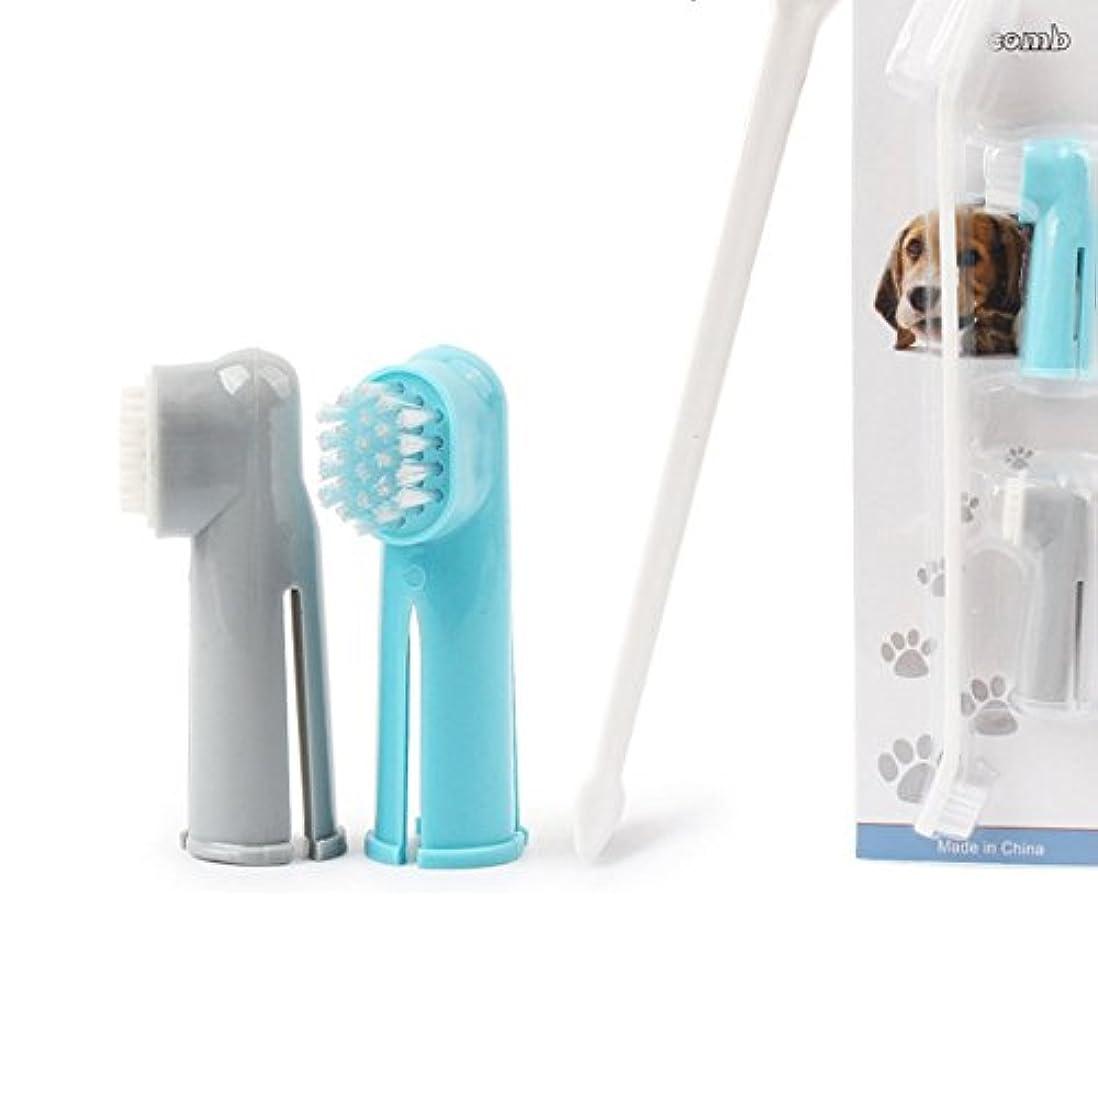 泳ぐのスコア煩わしいBartram 指歯 ブラシ 犬猫用歯ブラシ 歯磨き フィンガータイプ ソフト フィンガータイプ デンタルケア 3ピースセット